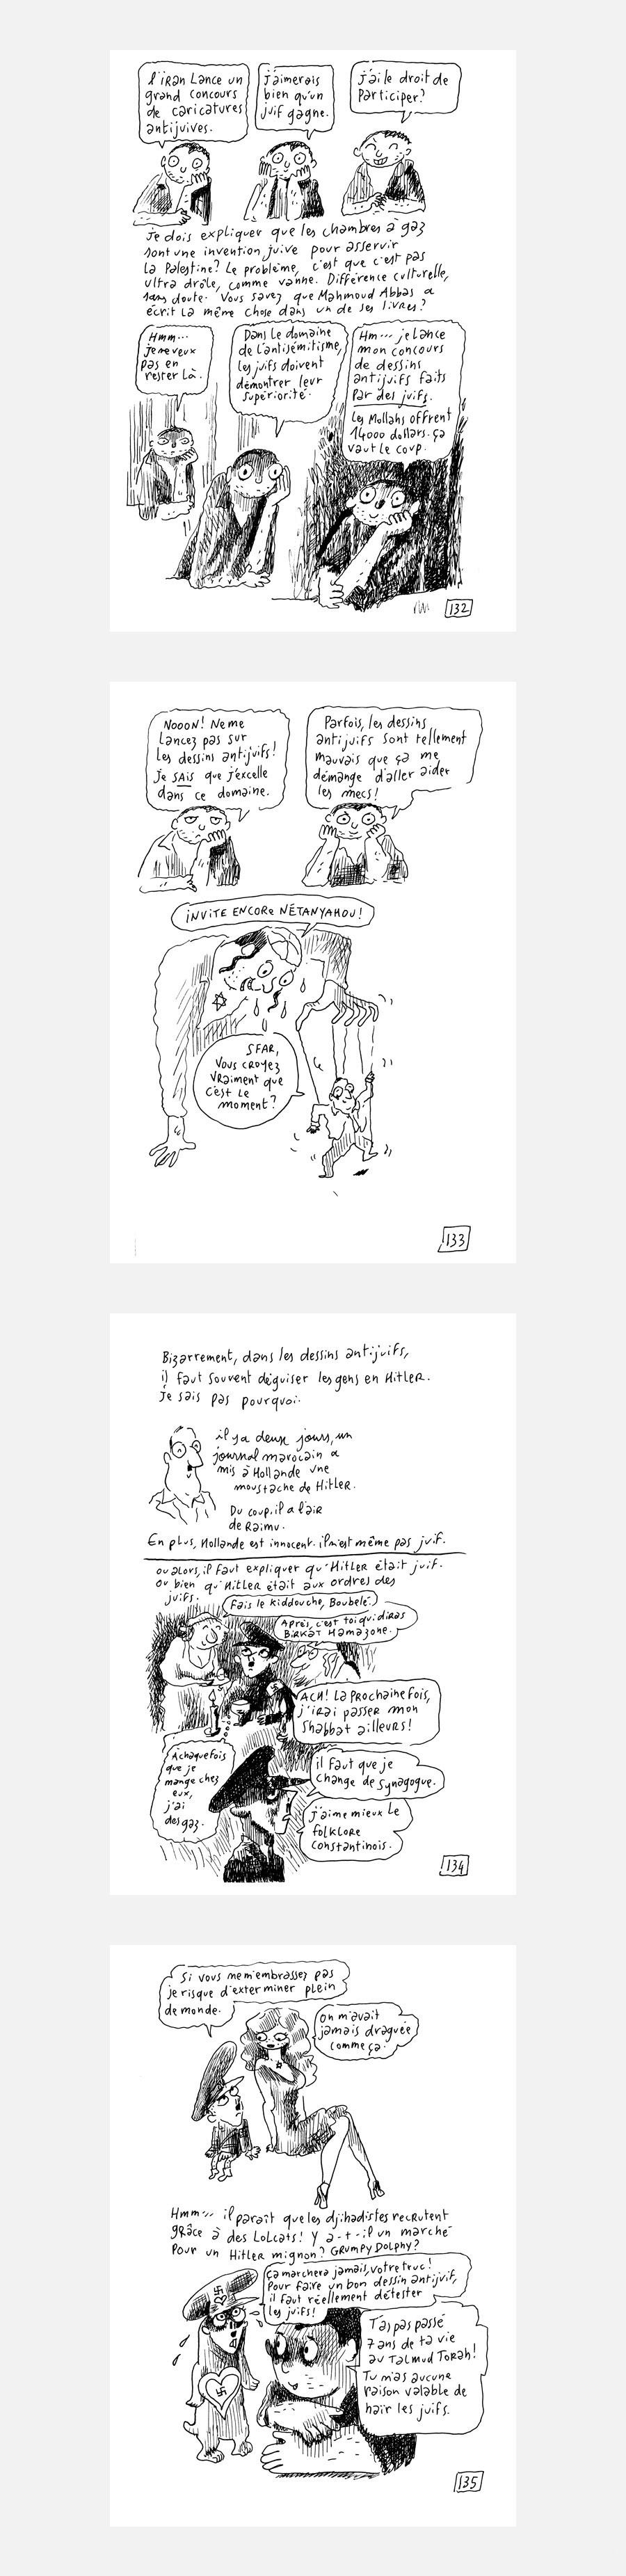 sfar_caricatures_antisemitisme